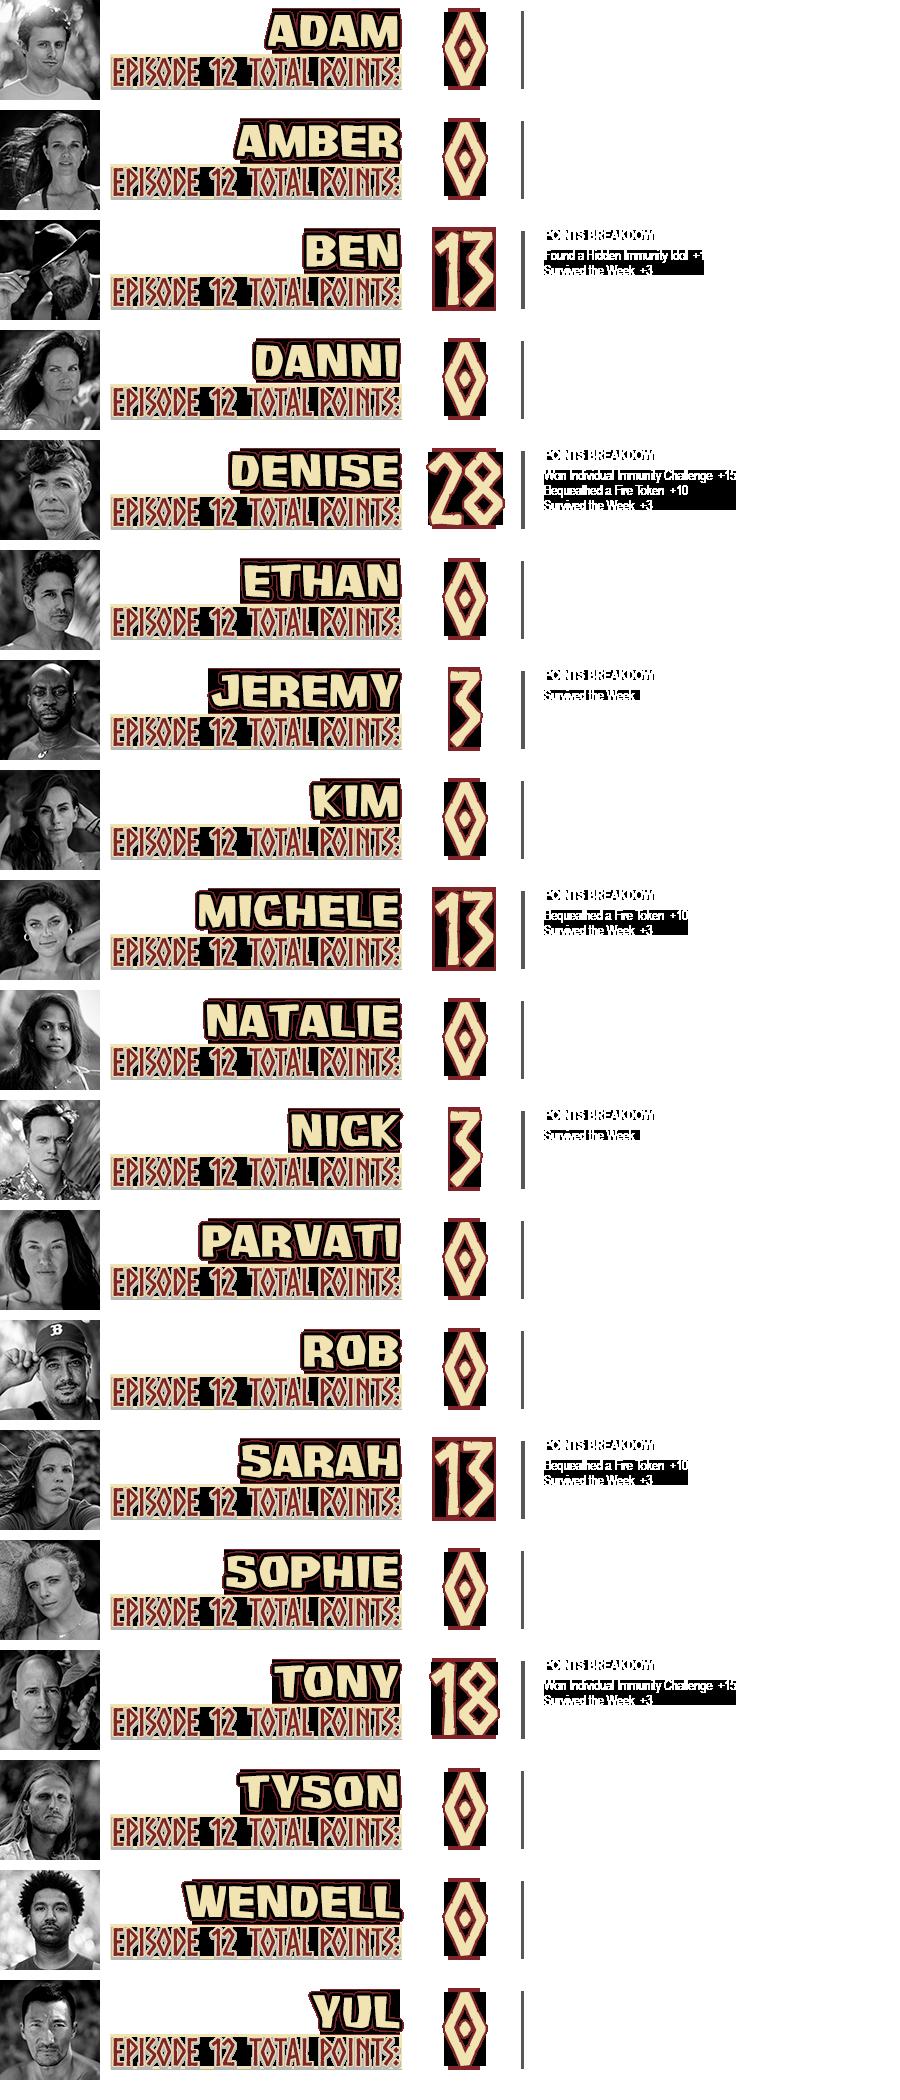 survivor-40-episode-12-points